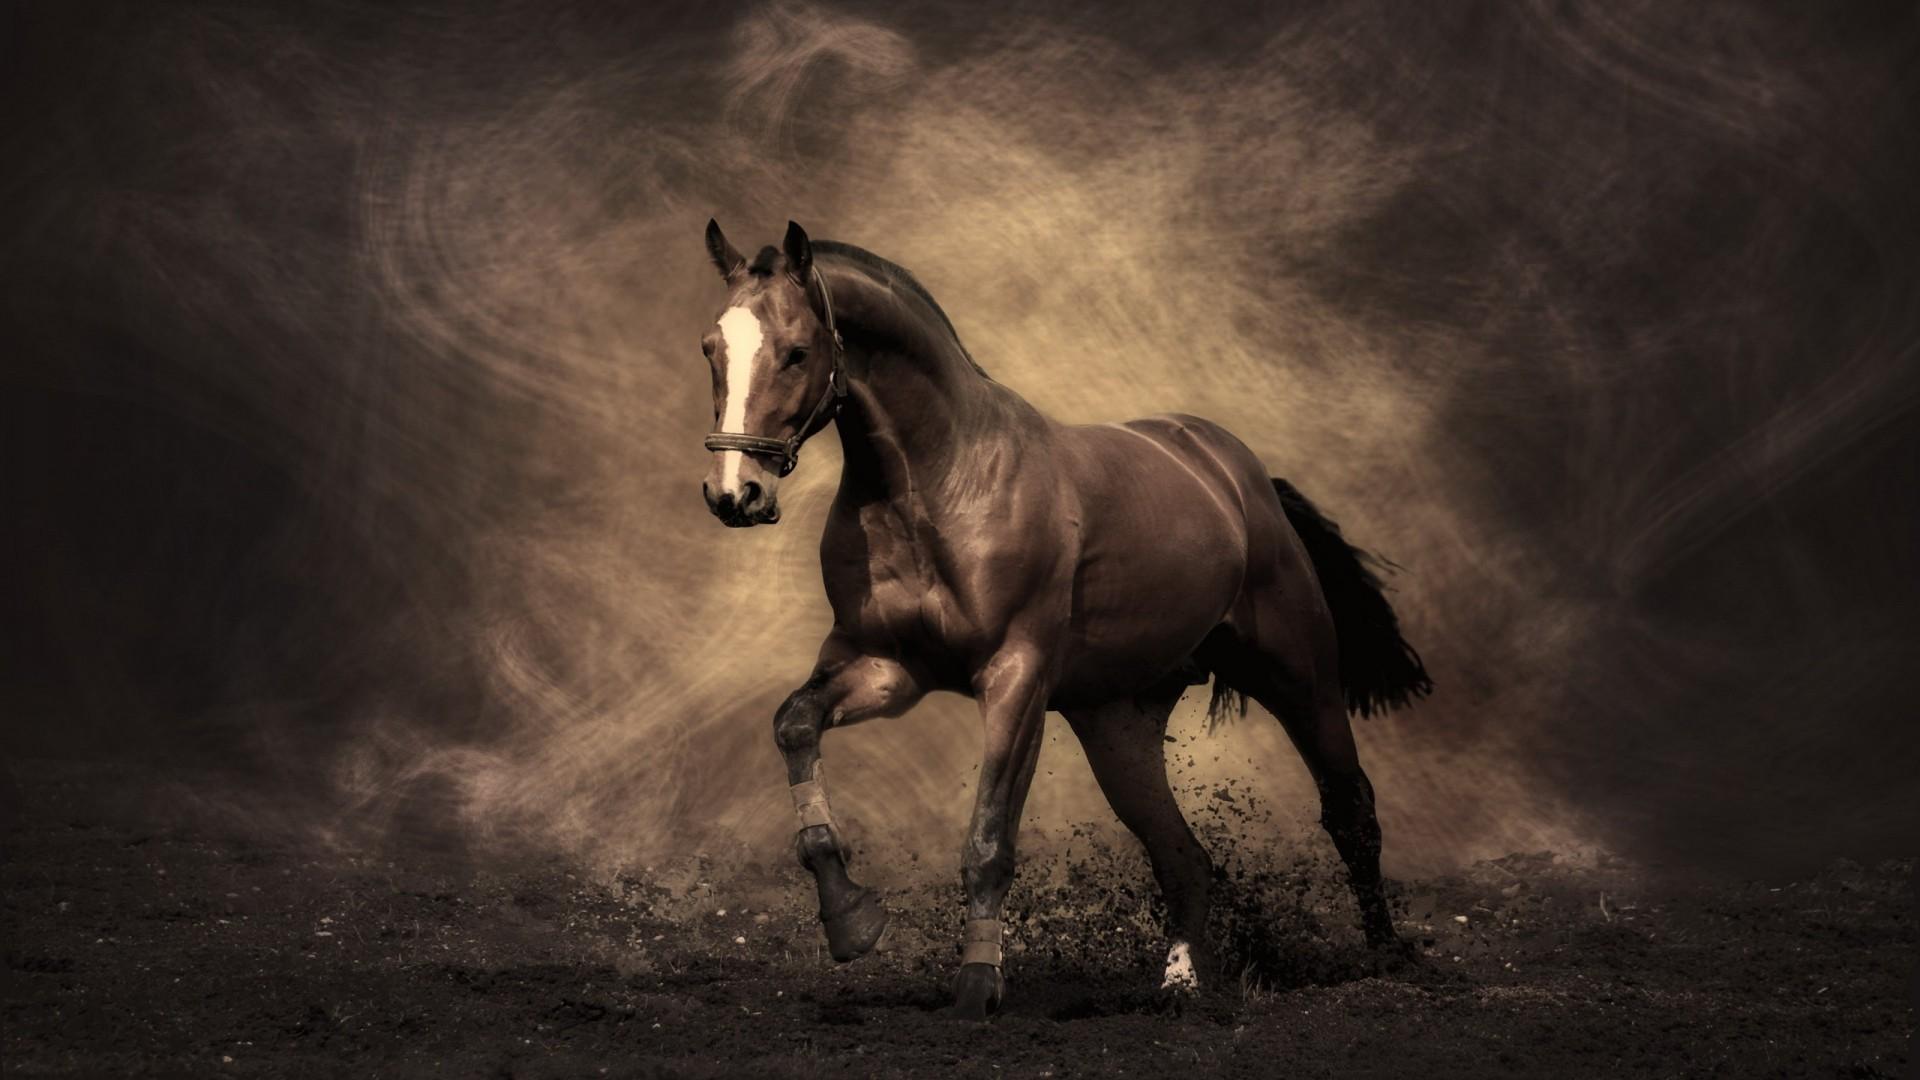 Wild Horses Desktop Wallpaper Wild Horses Pictures Cool 1920x1080